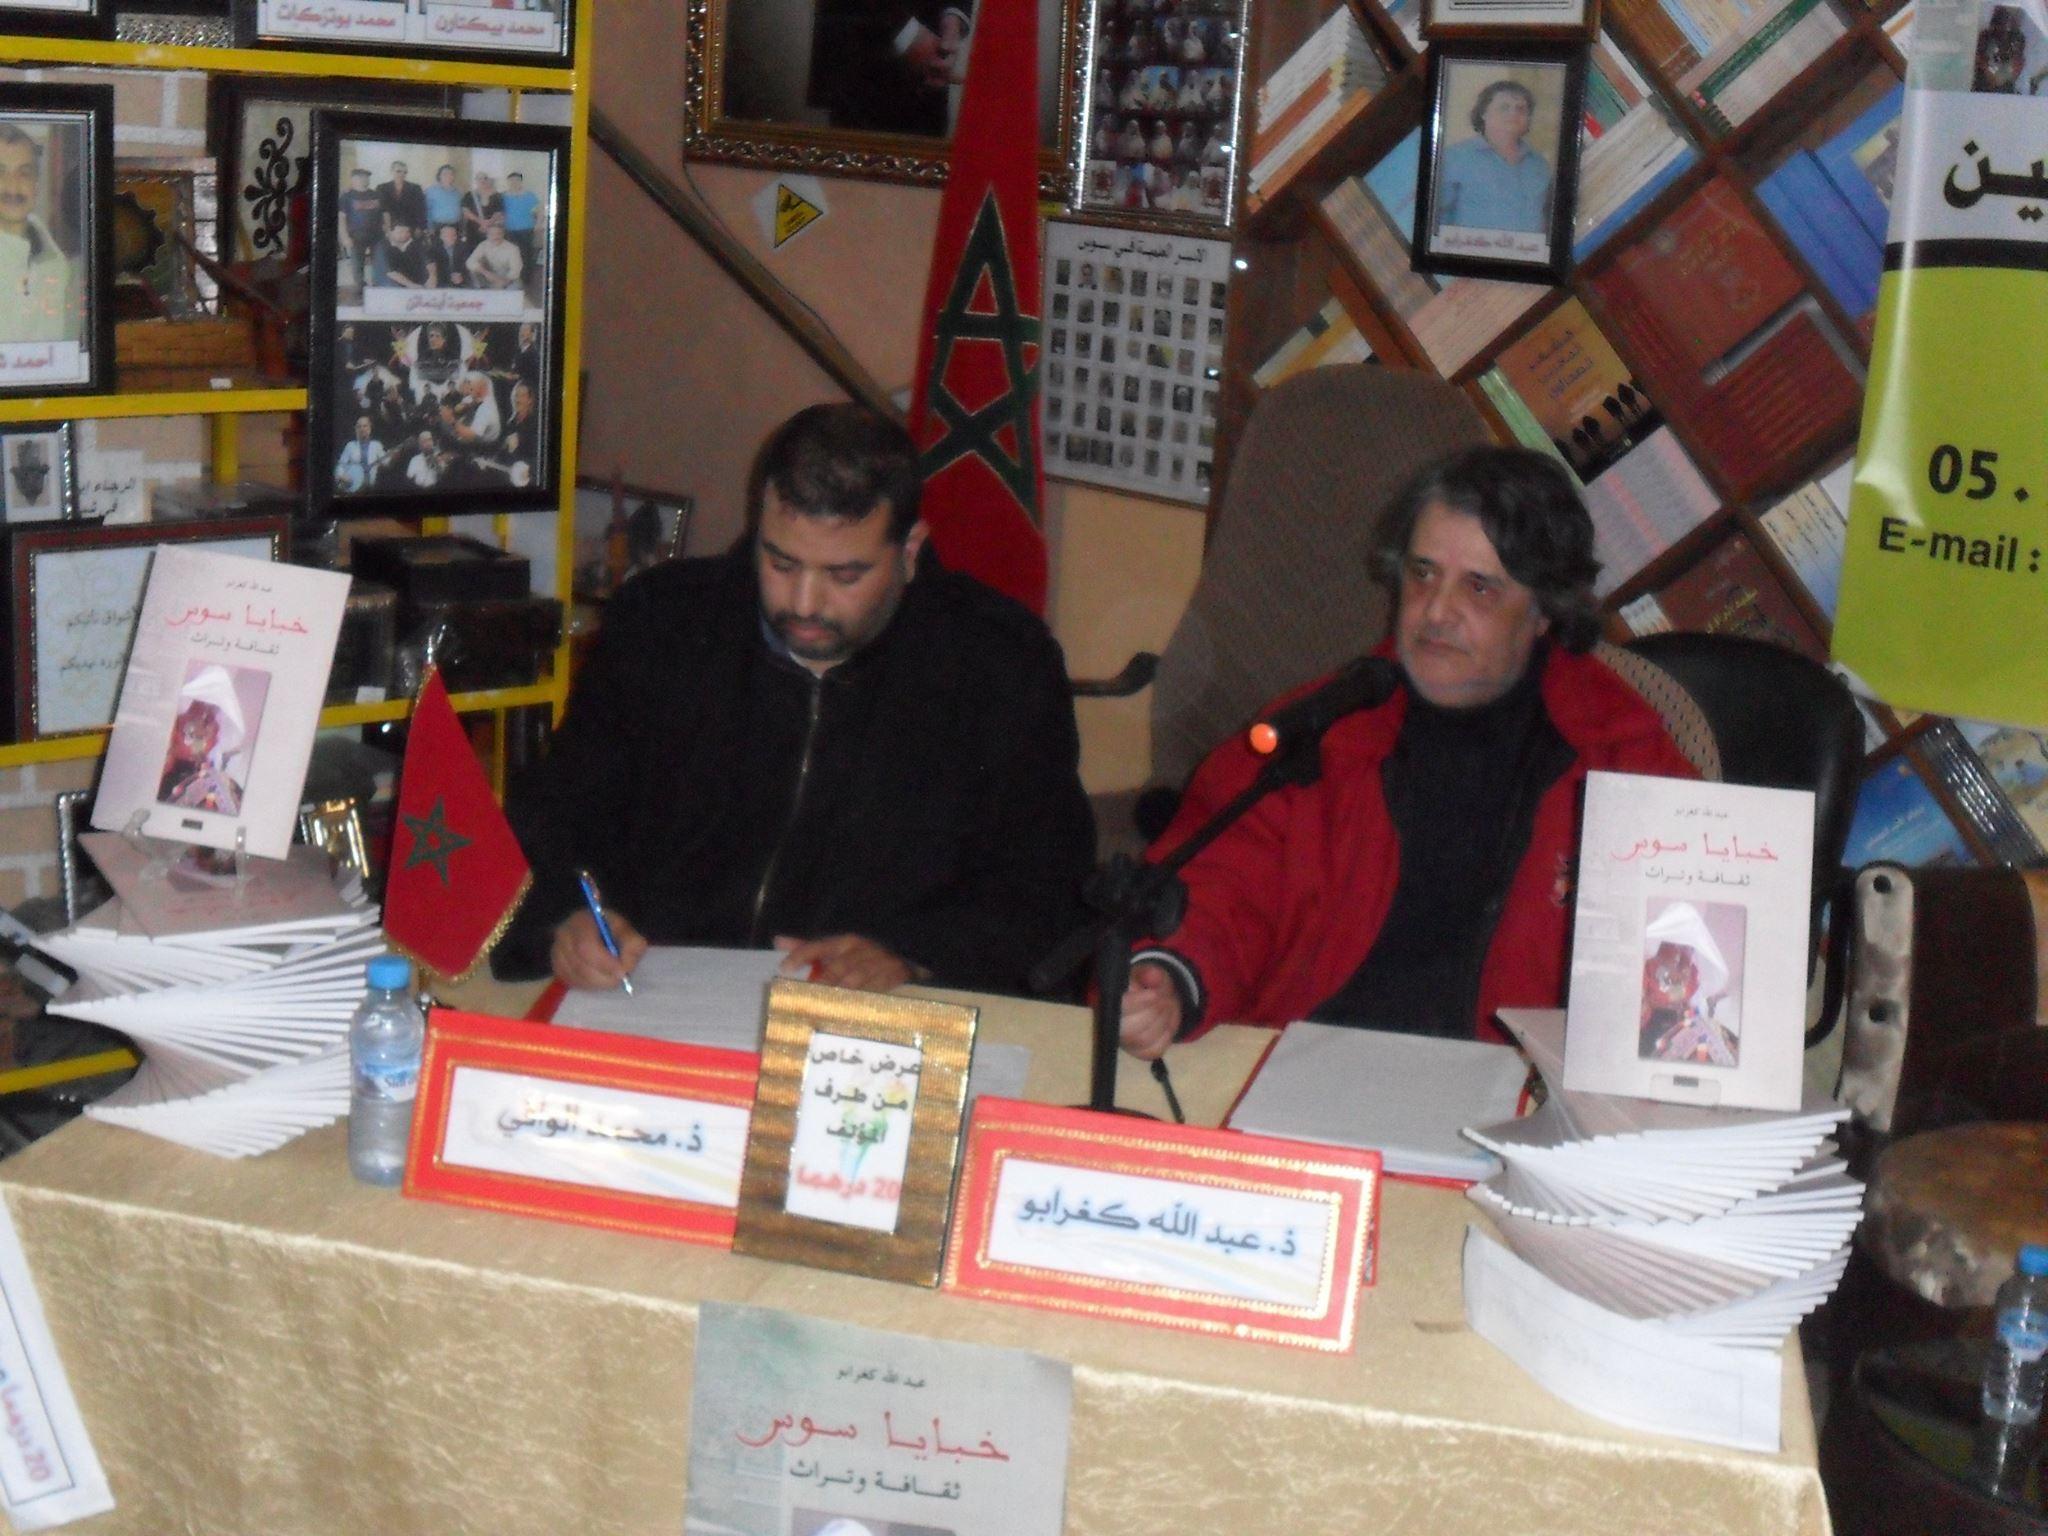 بالصور : حفل توقيع كتاب خبايا سوس